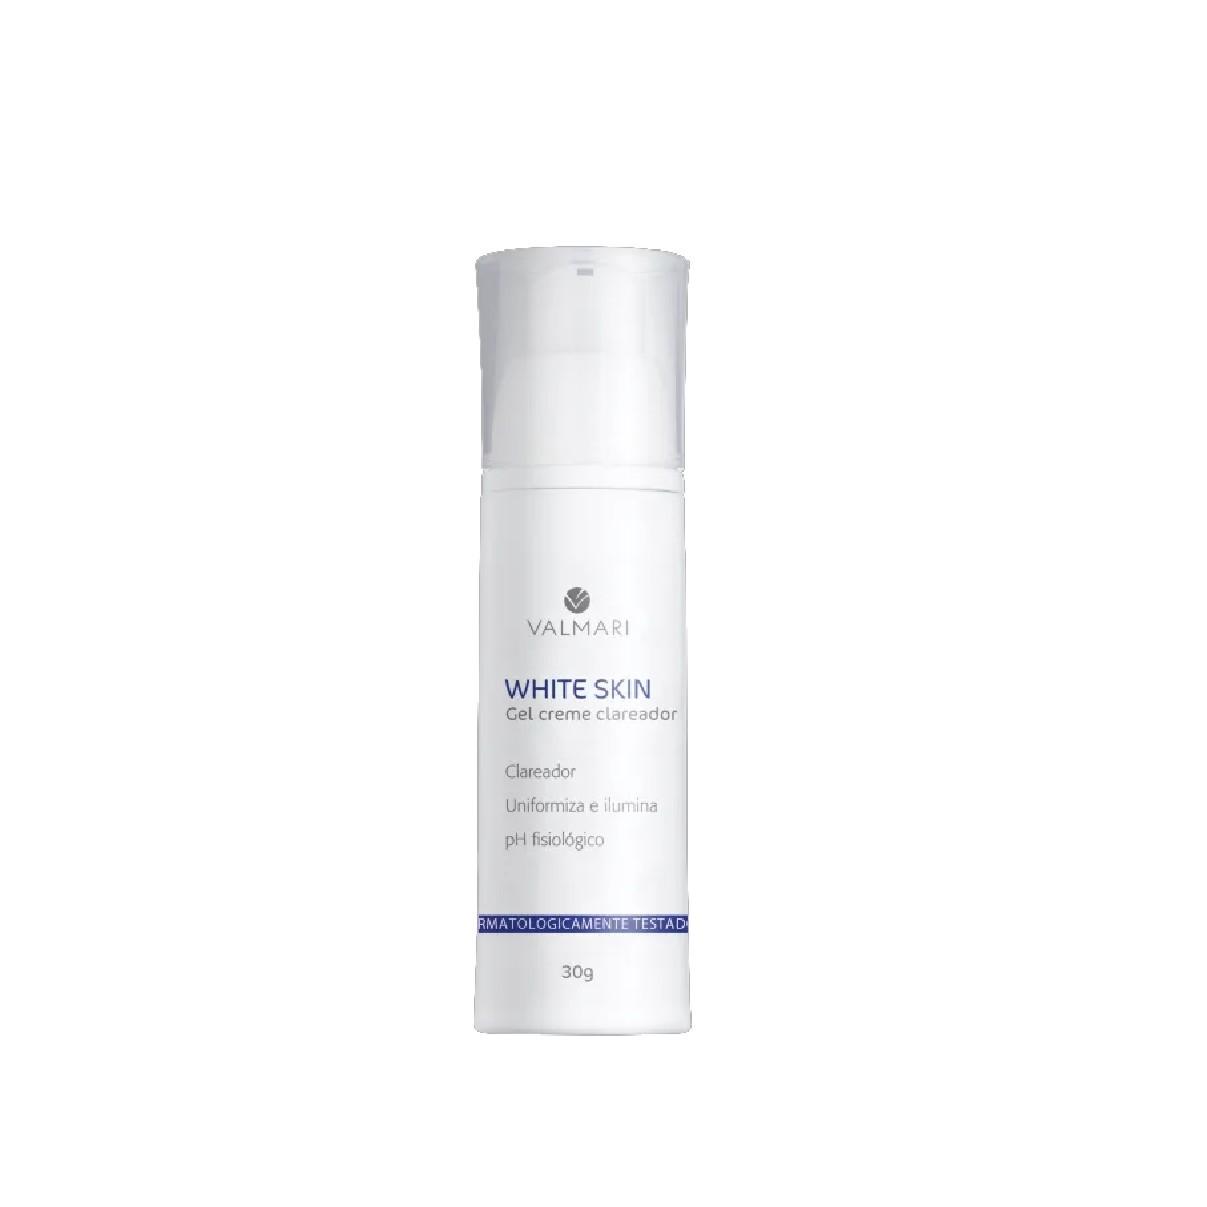 White Skin Gel Creme  30g - Valmari